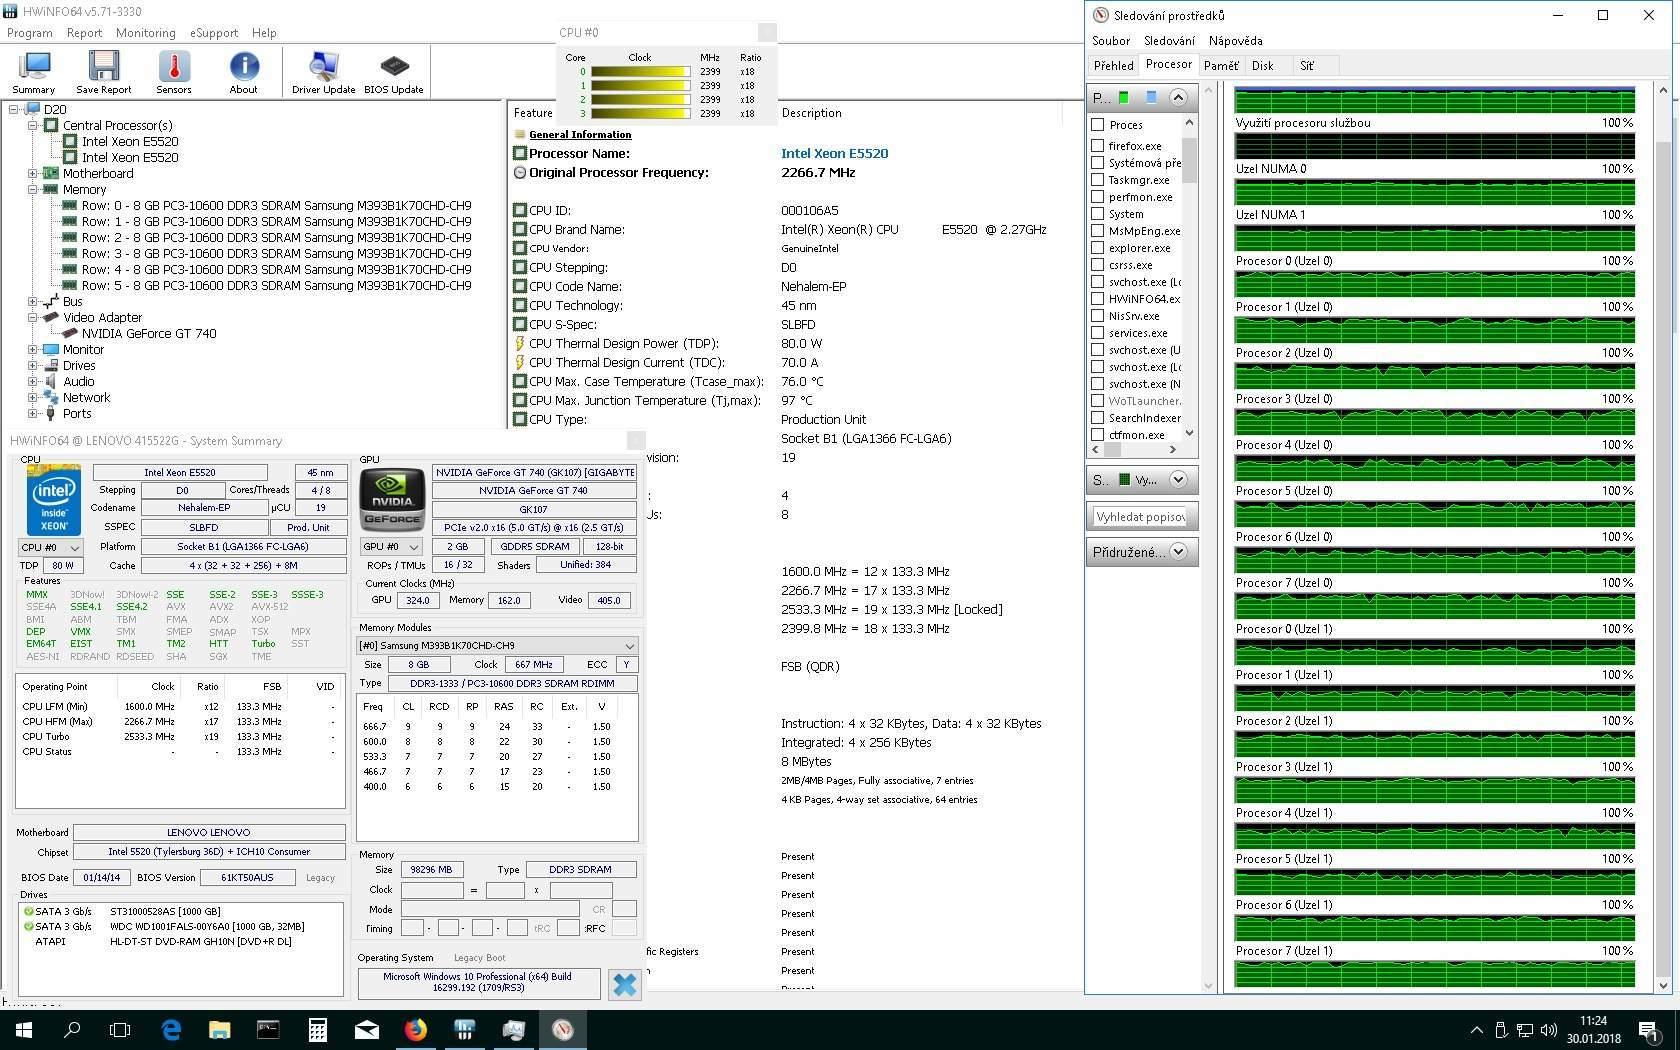 2x XEON E5520 2,27GHz 96G RAM